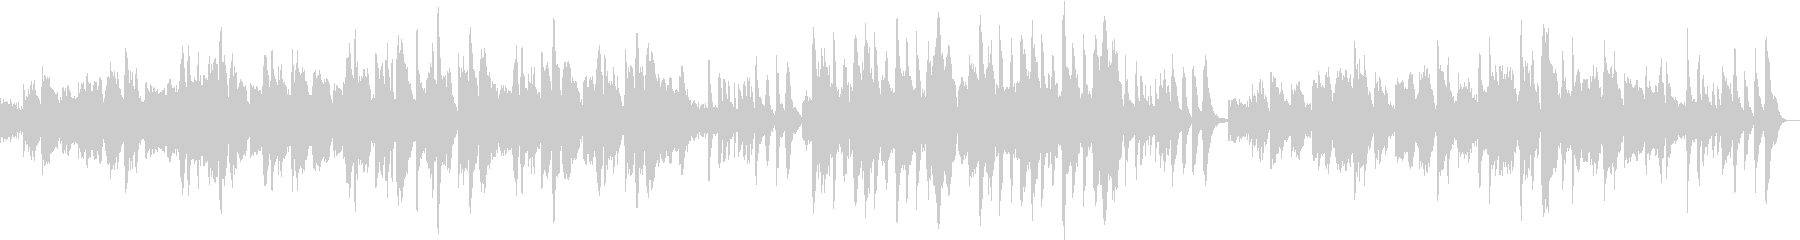 篠笛がメインのしっとりとした曲の未再生の波形